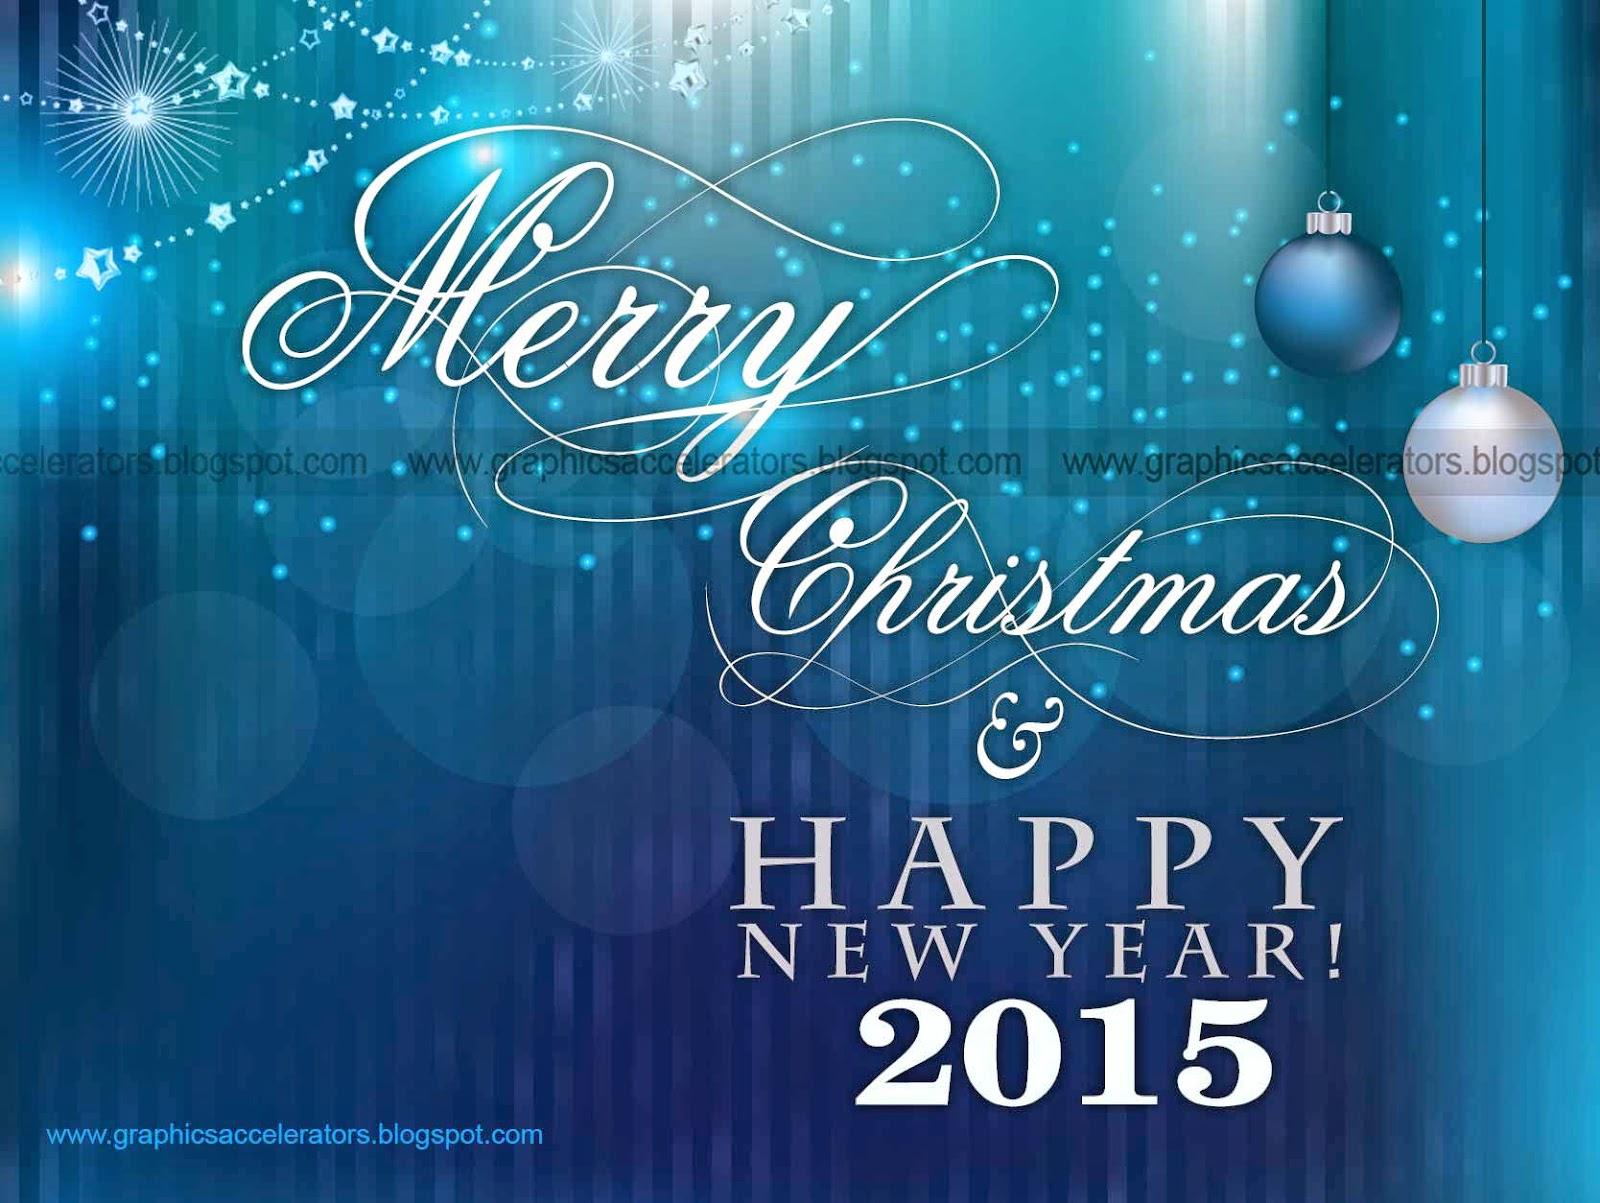 New Year 2015 Greetings Wallpaper Wallpapersafari